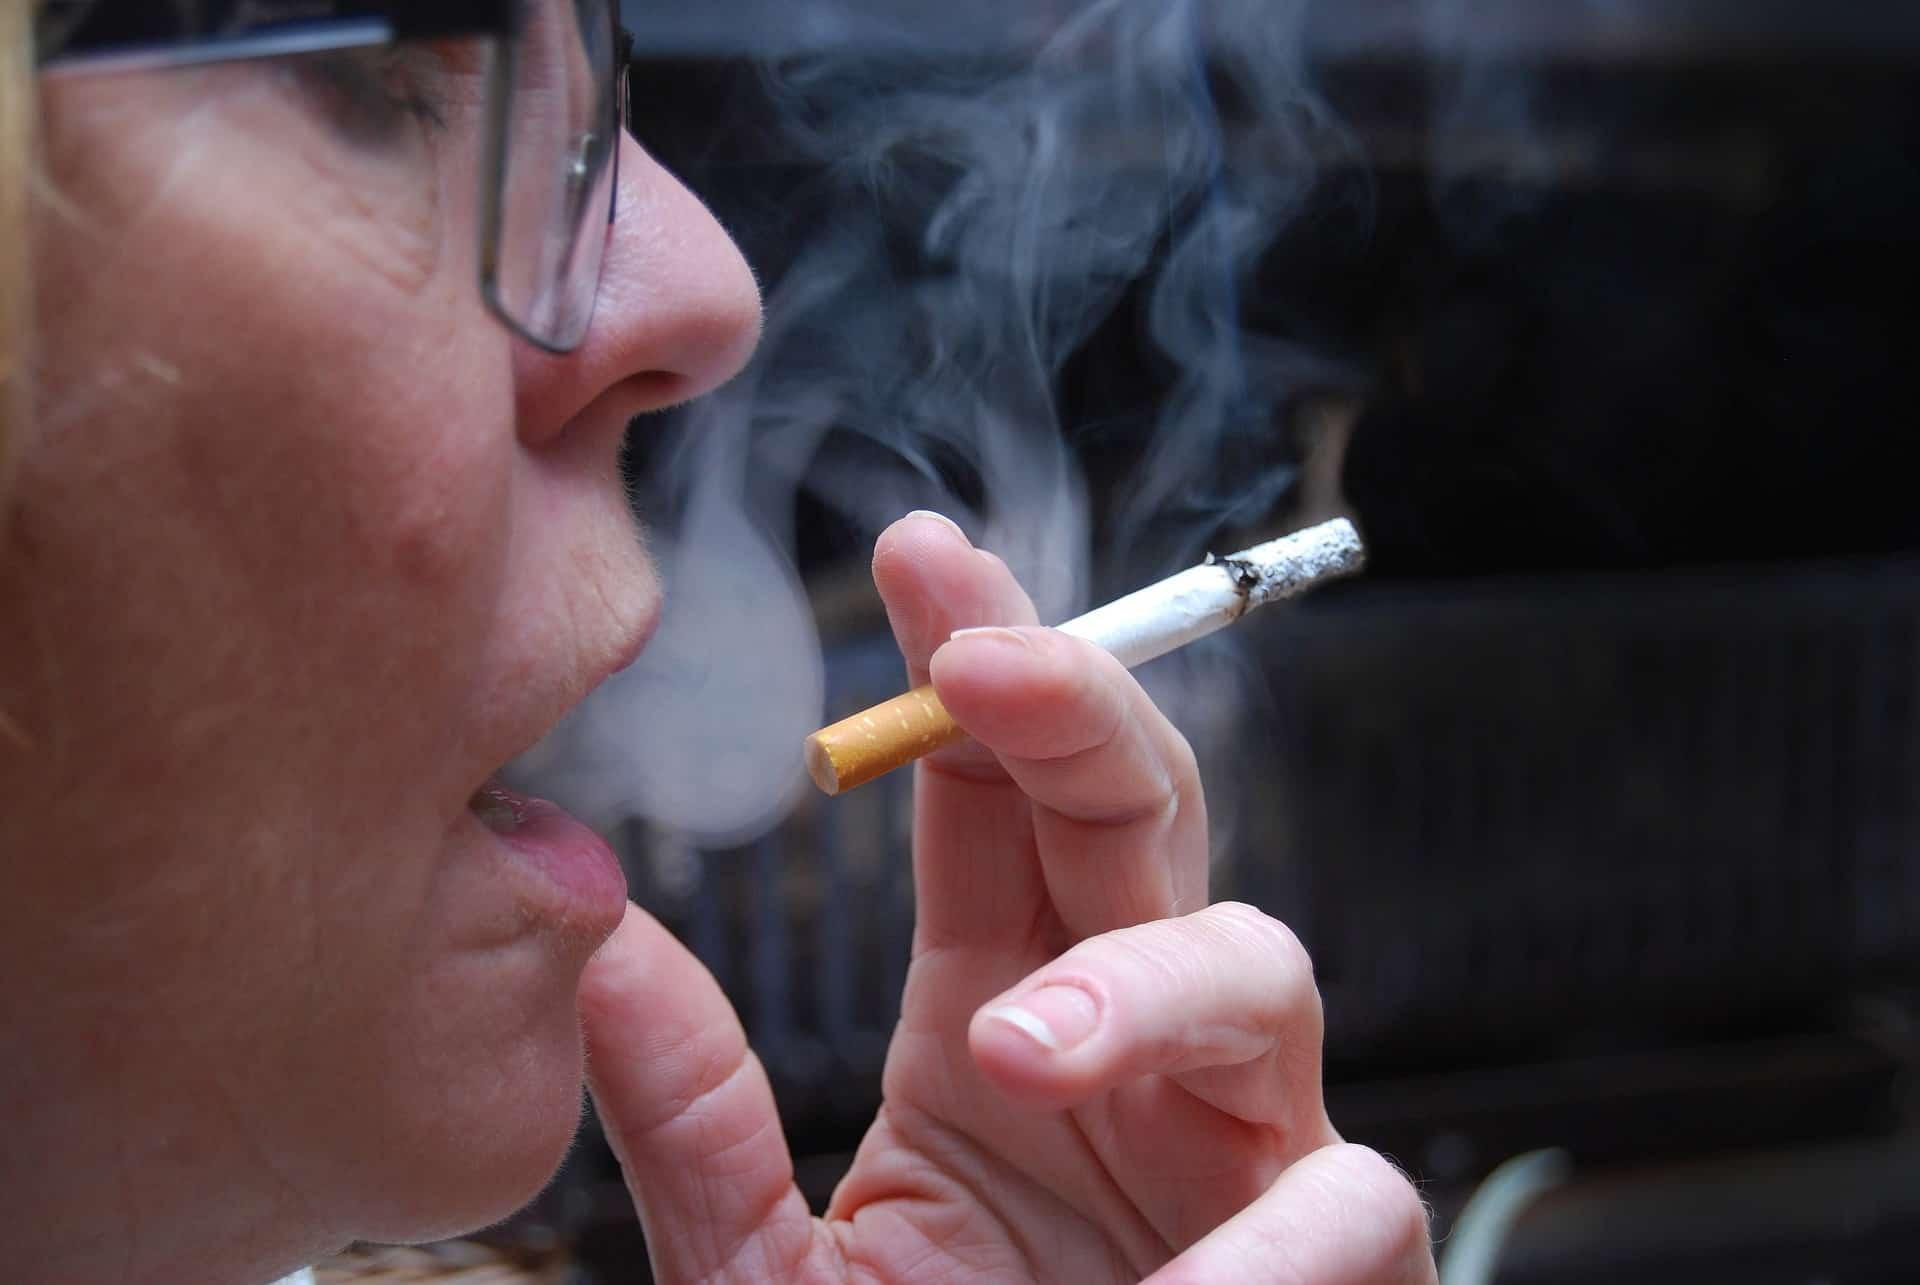 אם תתקבל הצעת החוק קנסות כבדים יושתו על המעשנים, צילום אילוסטרציה